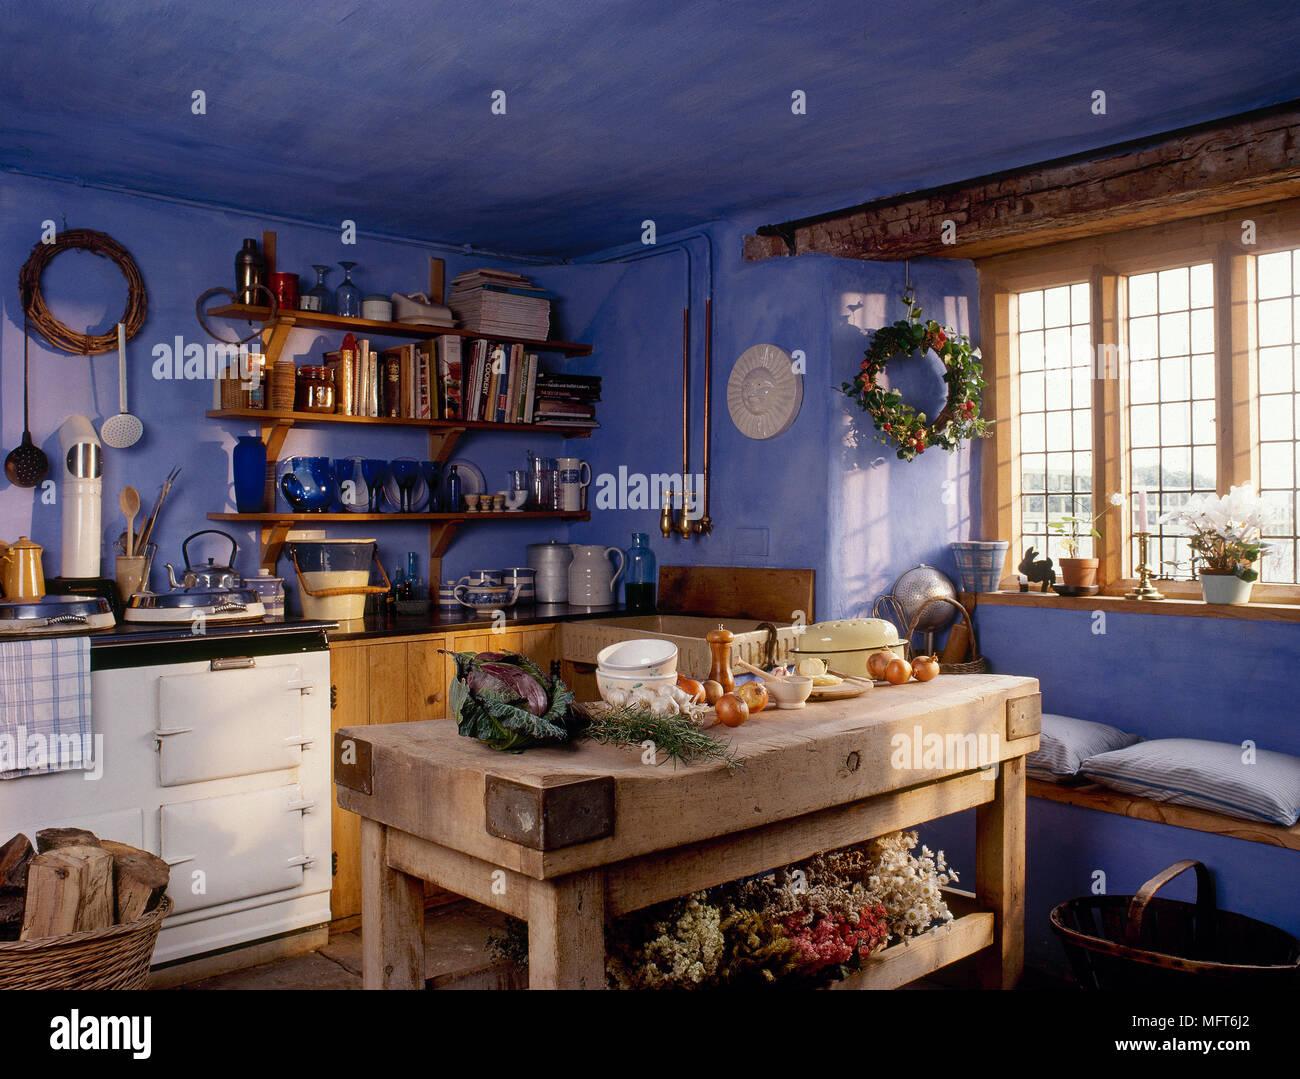 Großzügig Blau Und Weiß Landküche Ideen Bilder - Küchenschrank Ideen ...